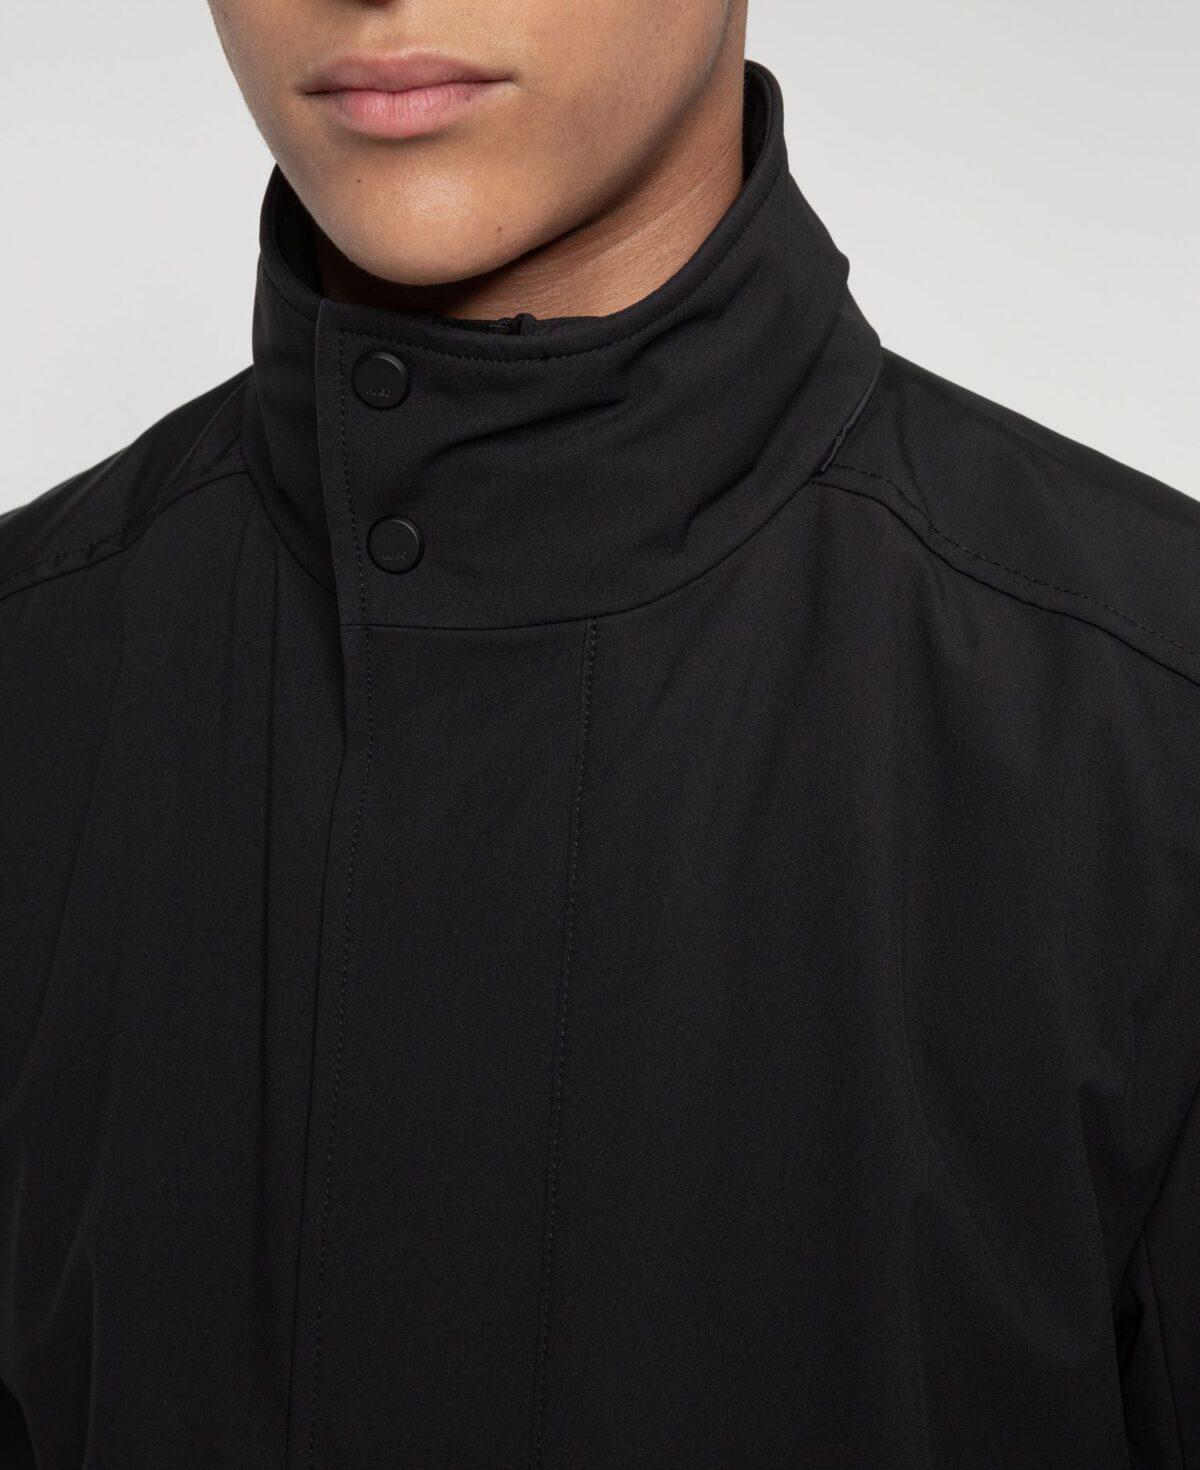 Cappotto slim fit in tessuto riciclato idrorepellente Buzzitta Stile